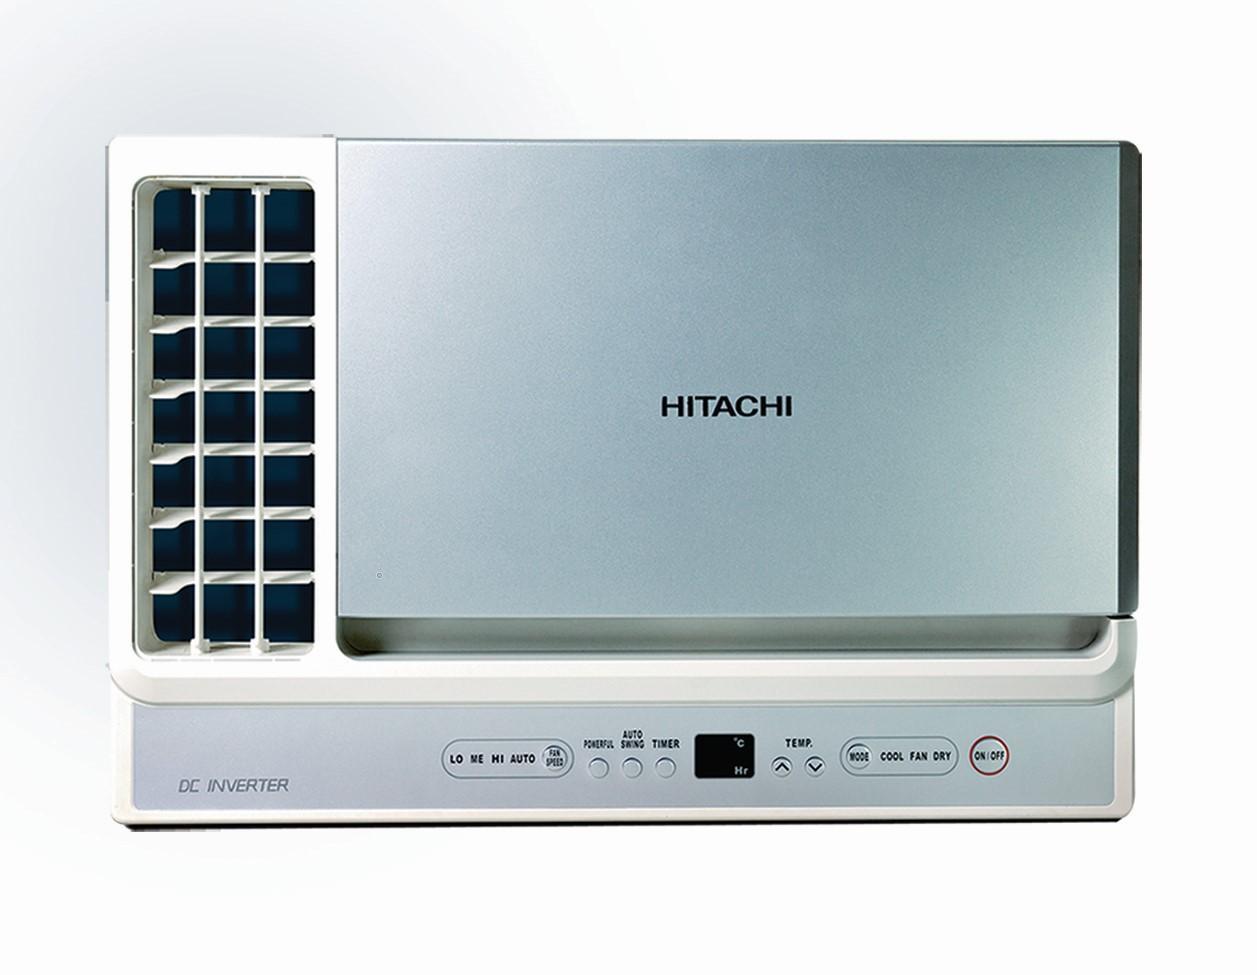 Hitachi Philippines: Hitachi price list - Hitachi Hard Drive, Air ...